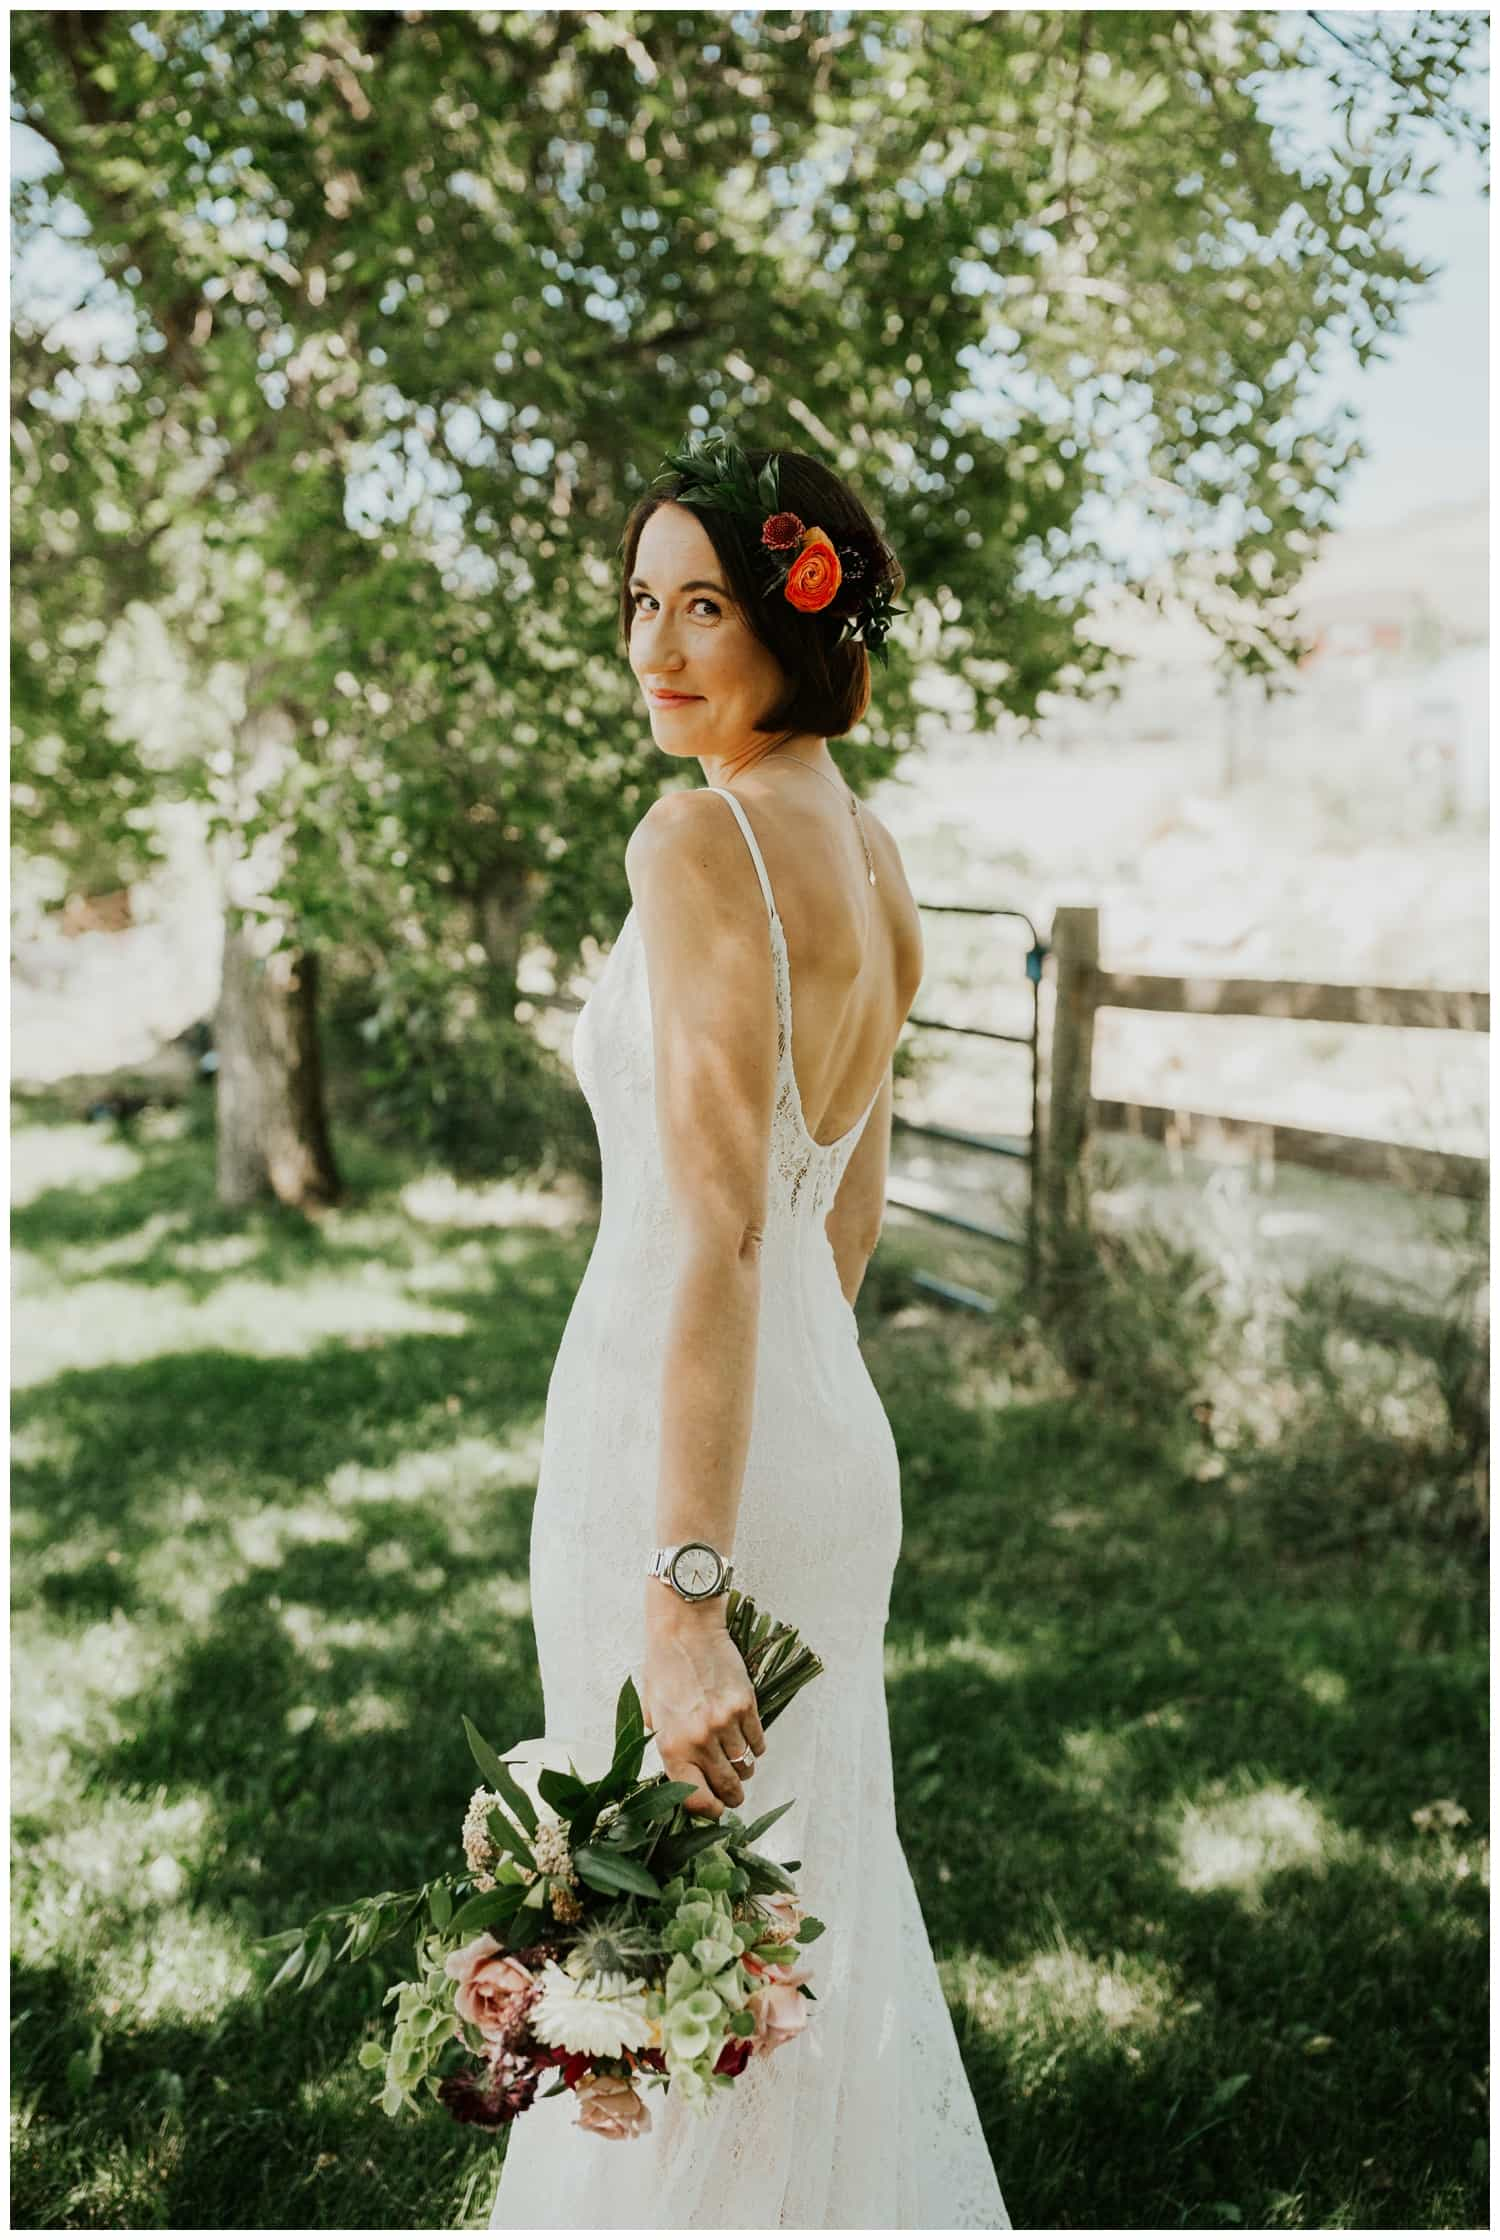 FelicityJeff-LyonsFarmette-Wedding_0010.jpg